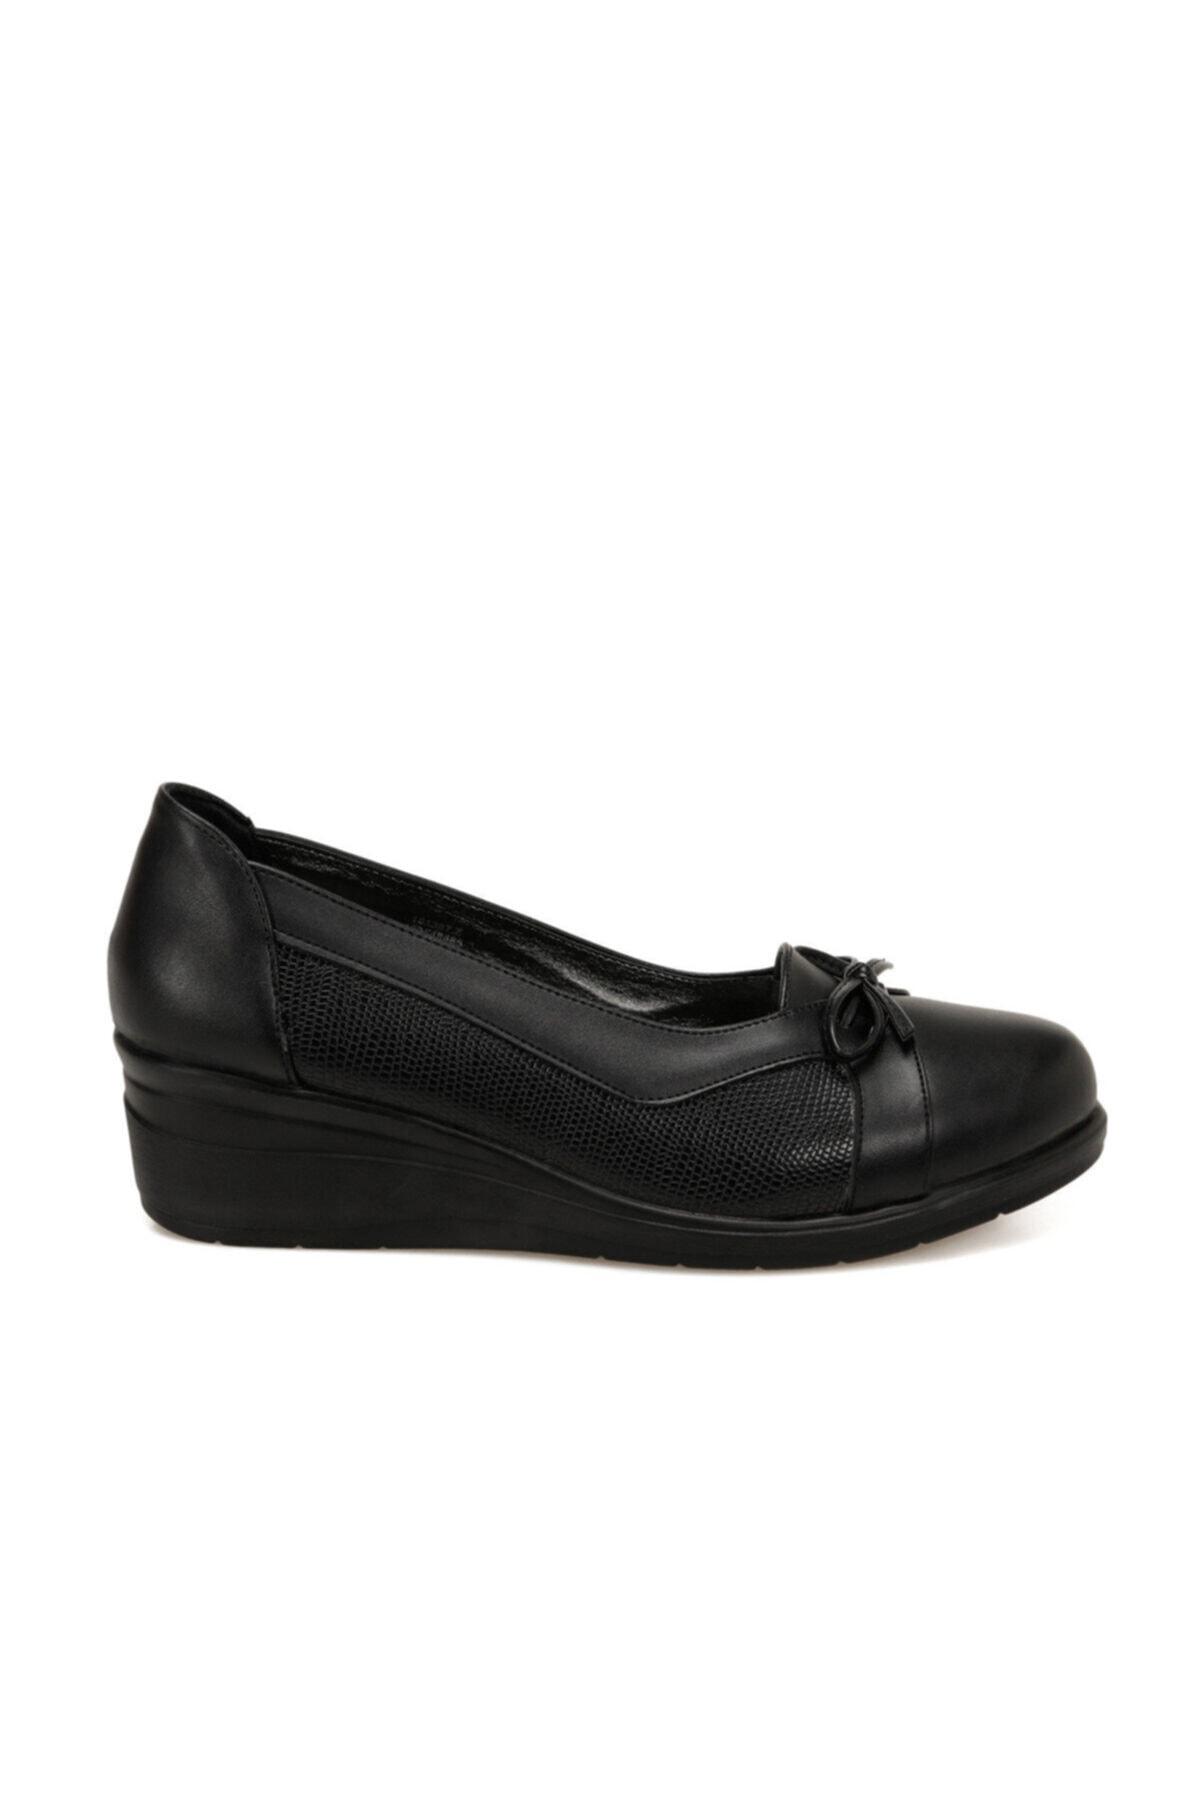 Polaris 161387.Z Siyah Kadın Comfort Ayakkabı 100548485 2